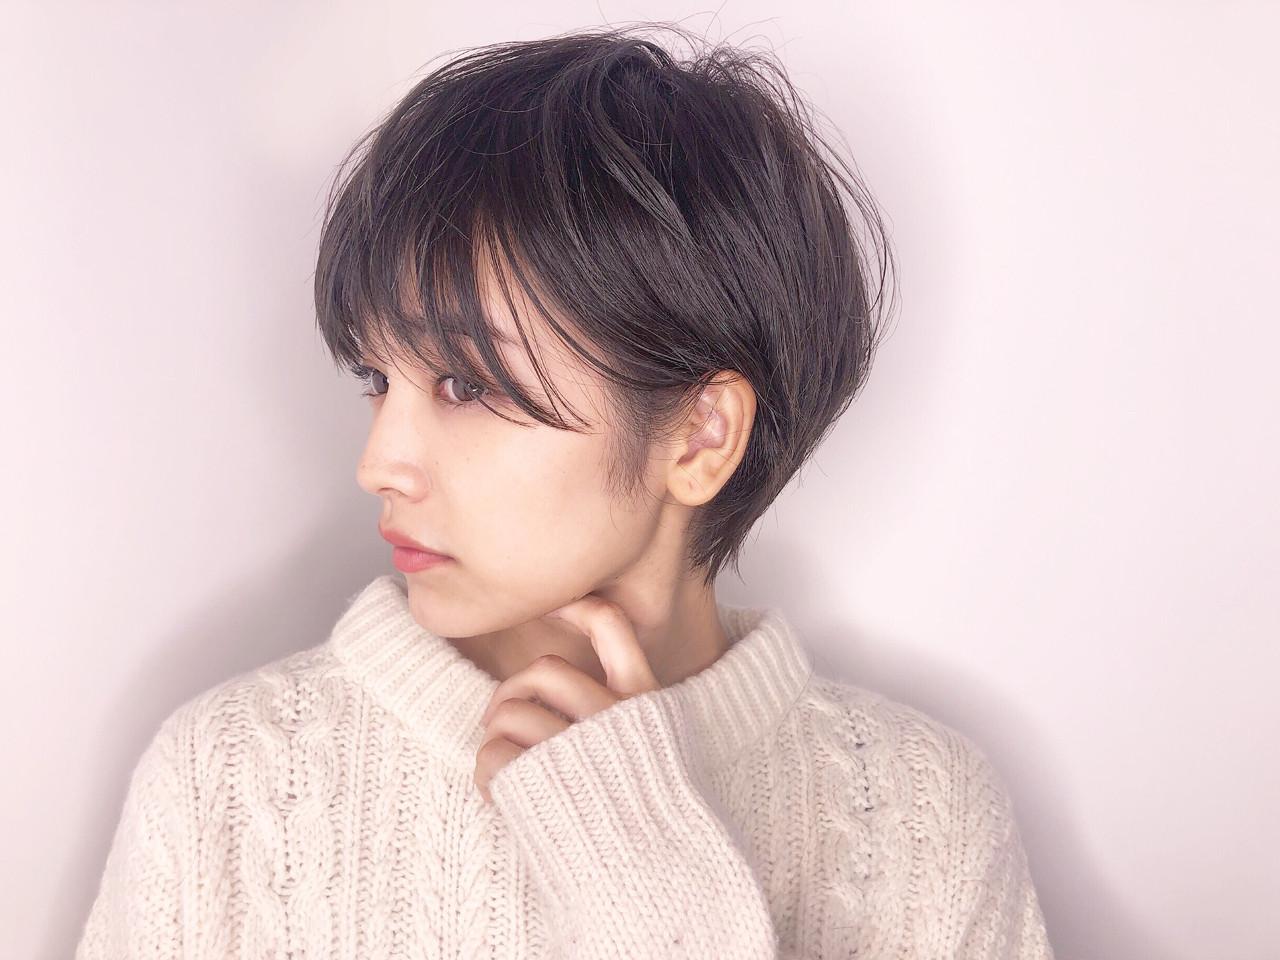 似合わせ 小顔 ボーイッシュ ナチュラル ヘアスタイルや髪型の写真・画像